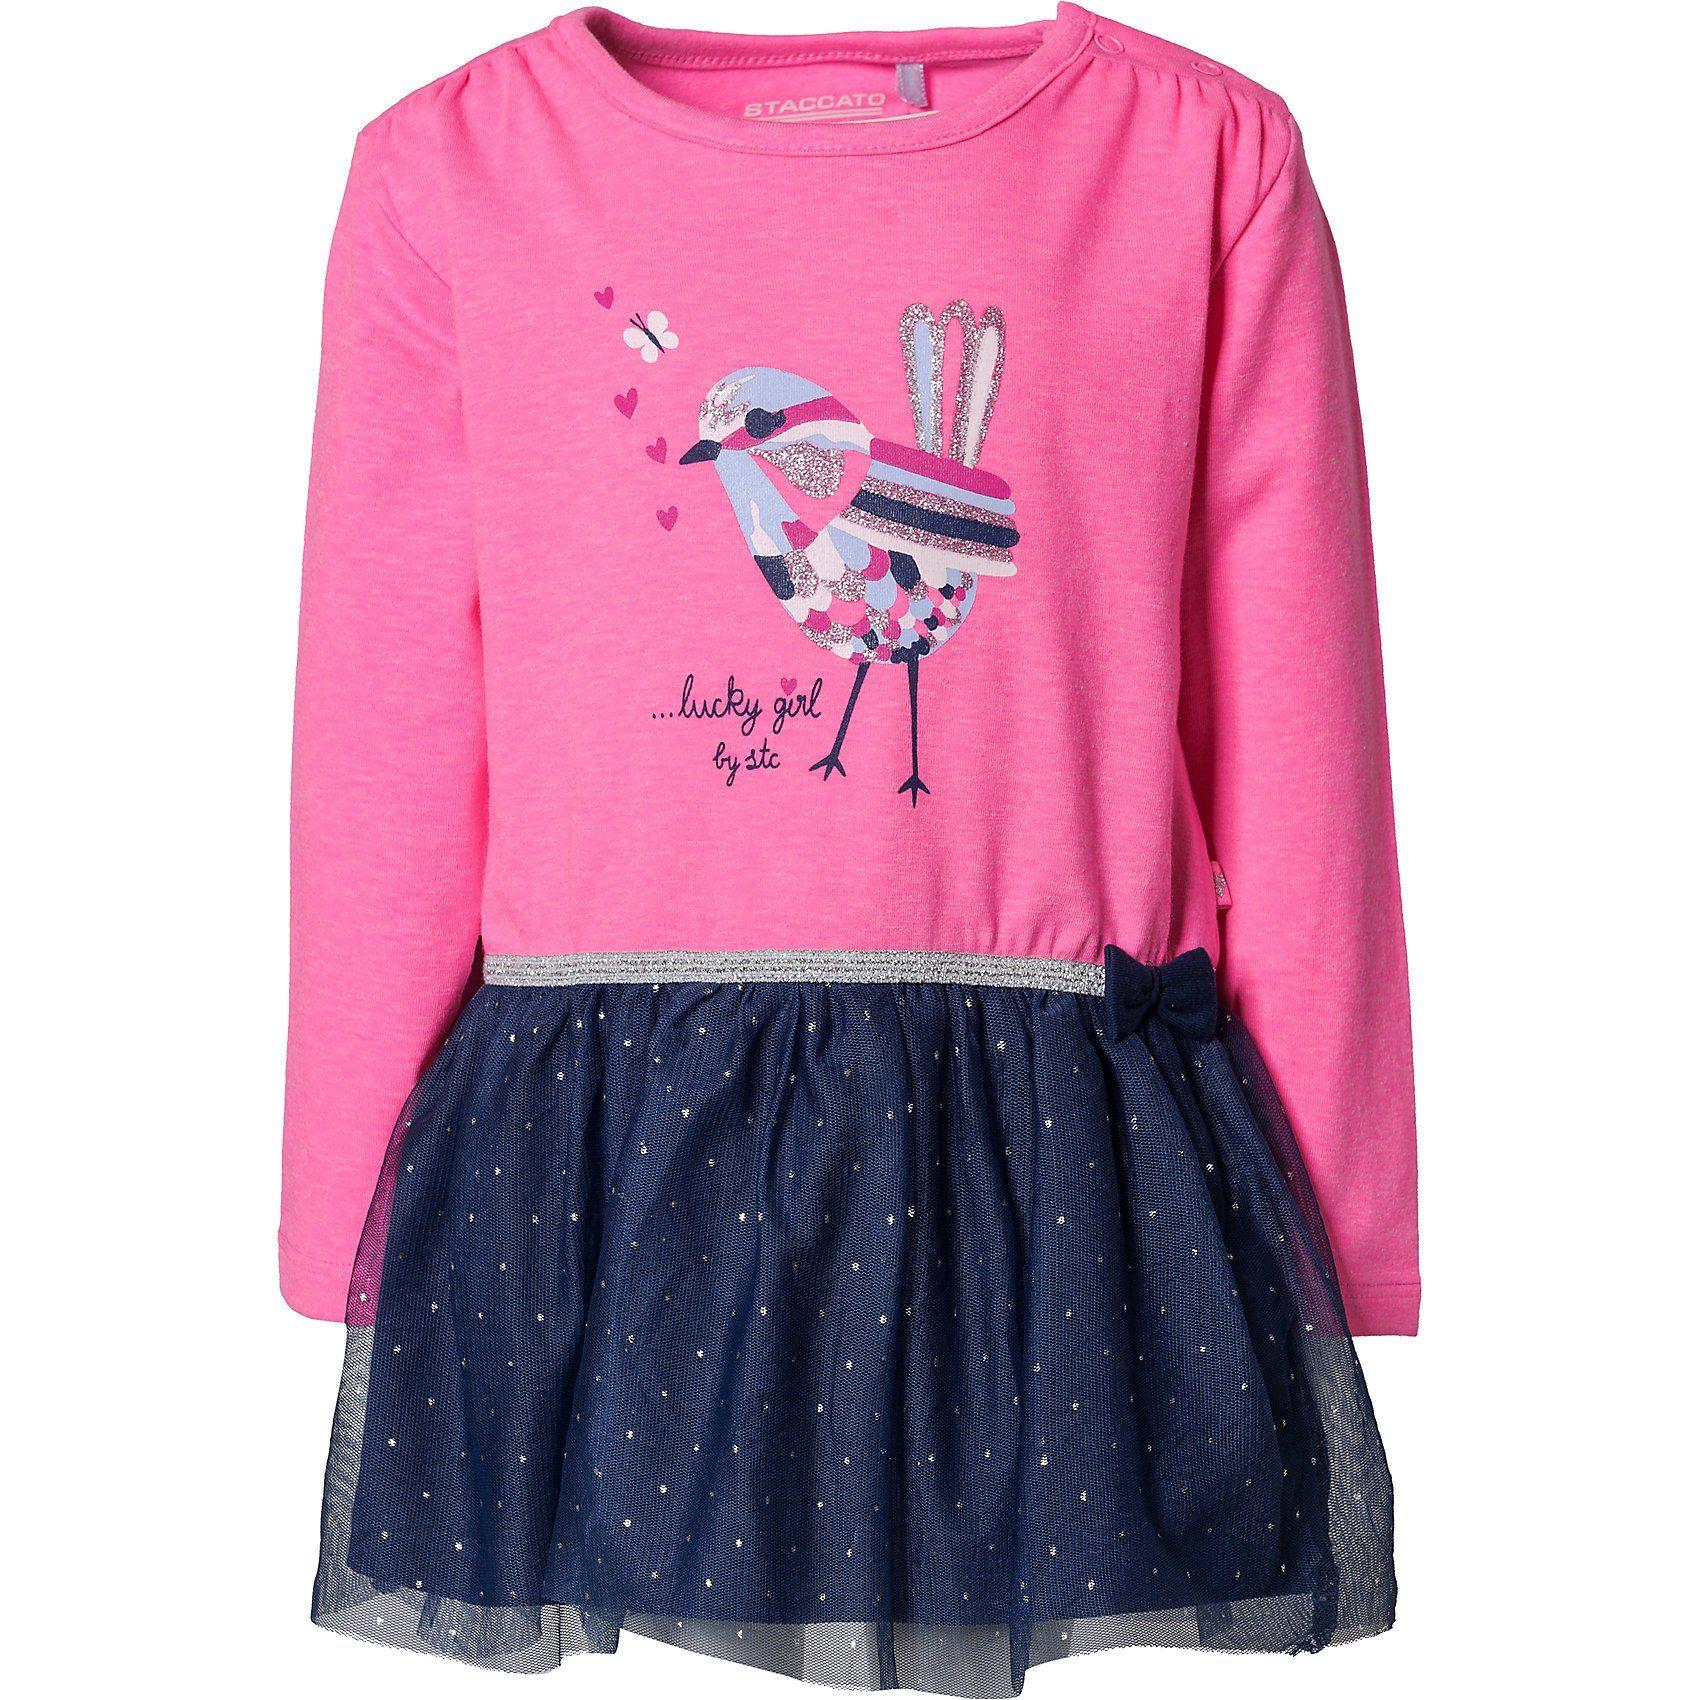 Baby,  Kinder,  Mädchen,  Kinder,  Unisex STACCATO Baby Jerseykleid für Mädchen rosa | 04061708626370